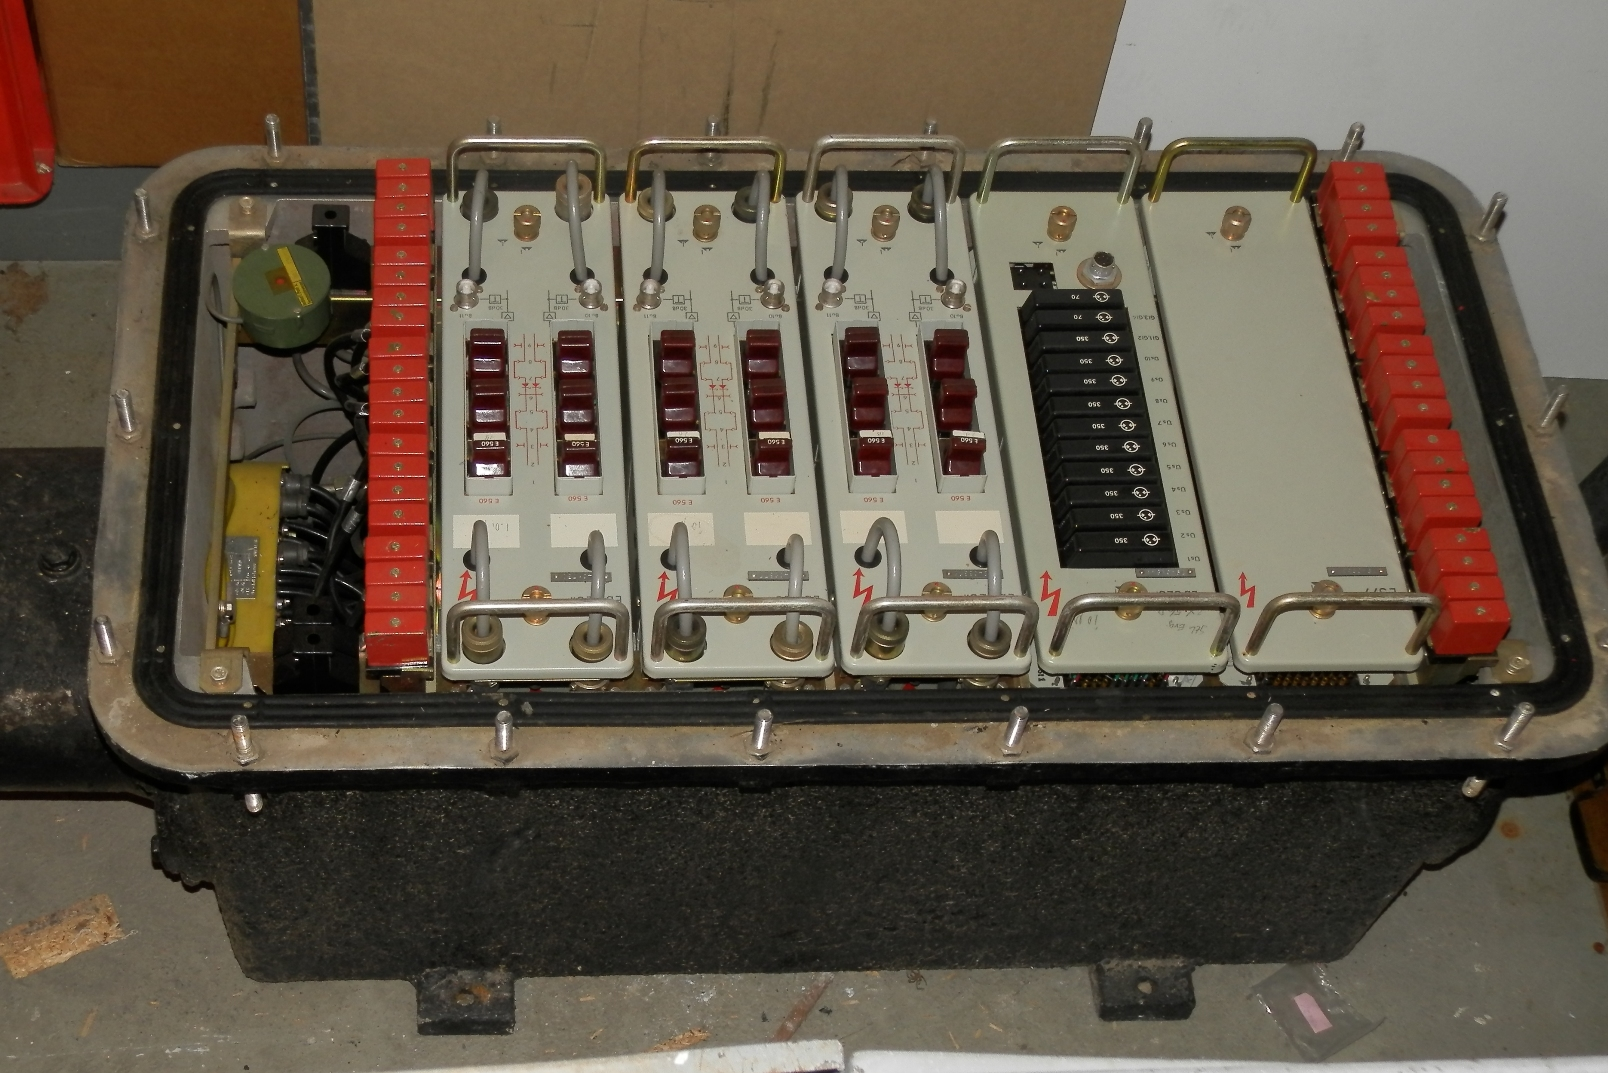 Austausch K1920 Technik durch VLU 1800